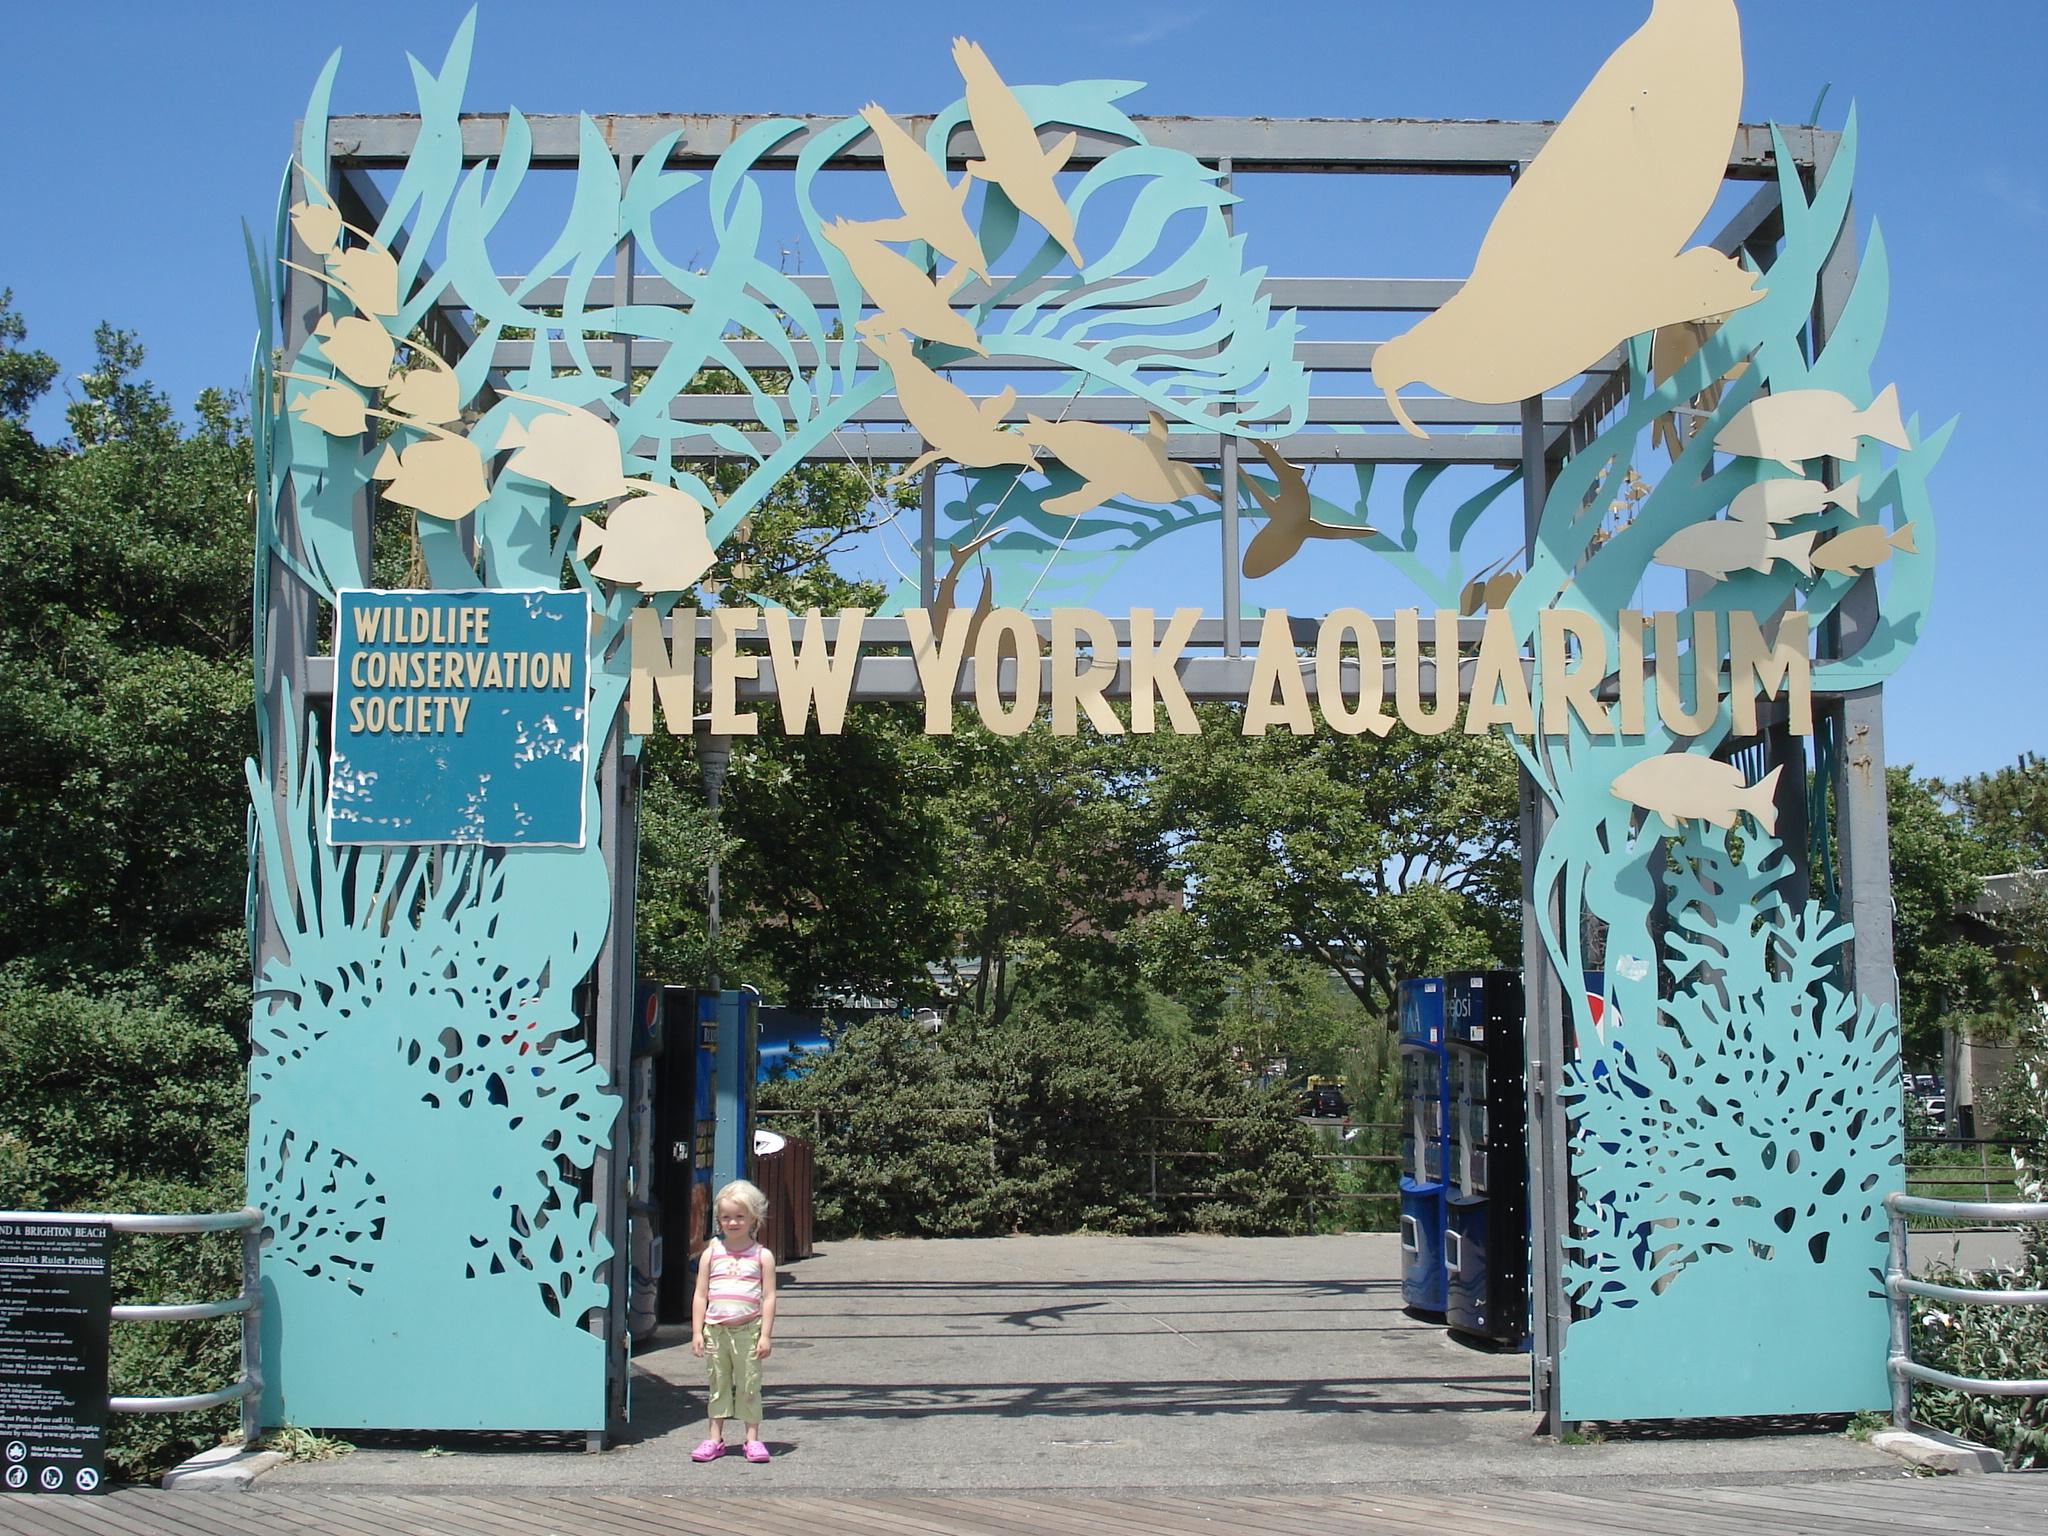 Visit To The New York Aquarium Aliens In The Apple